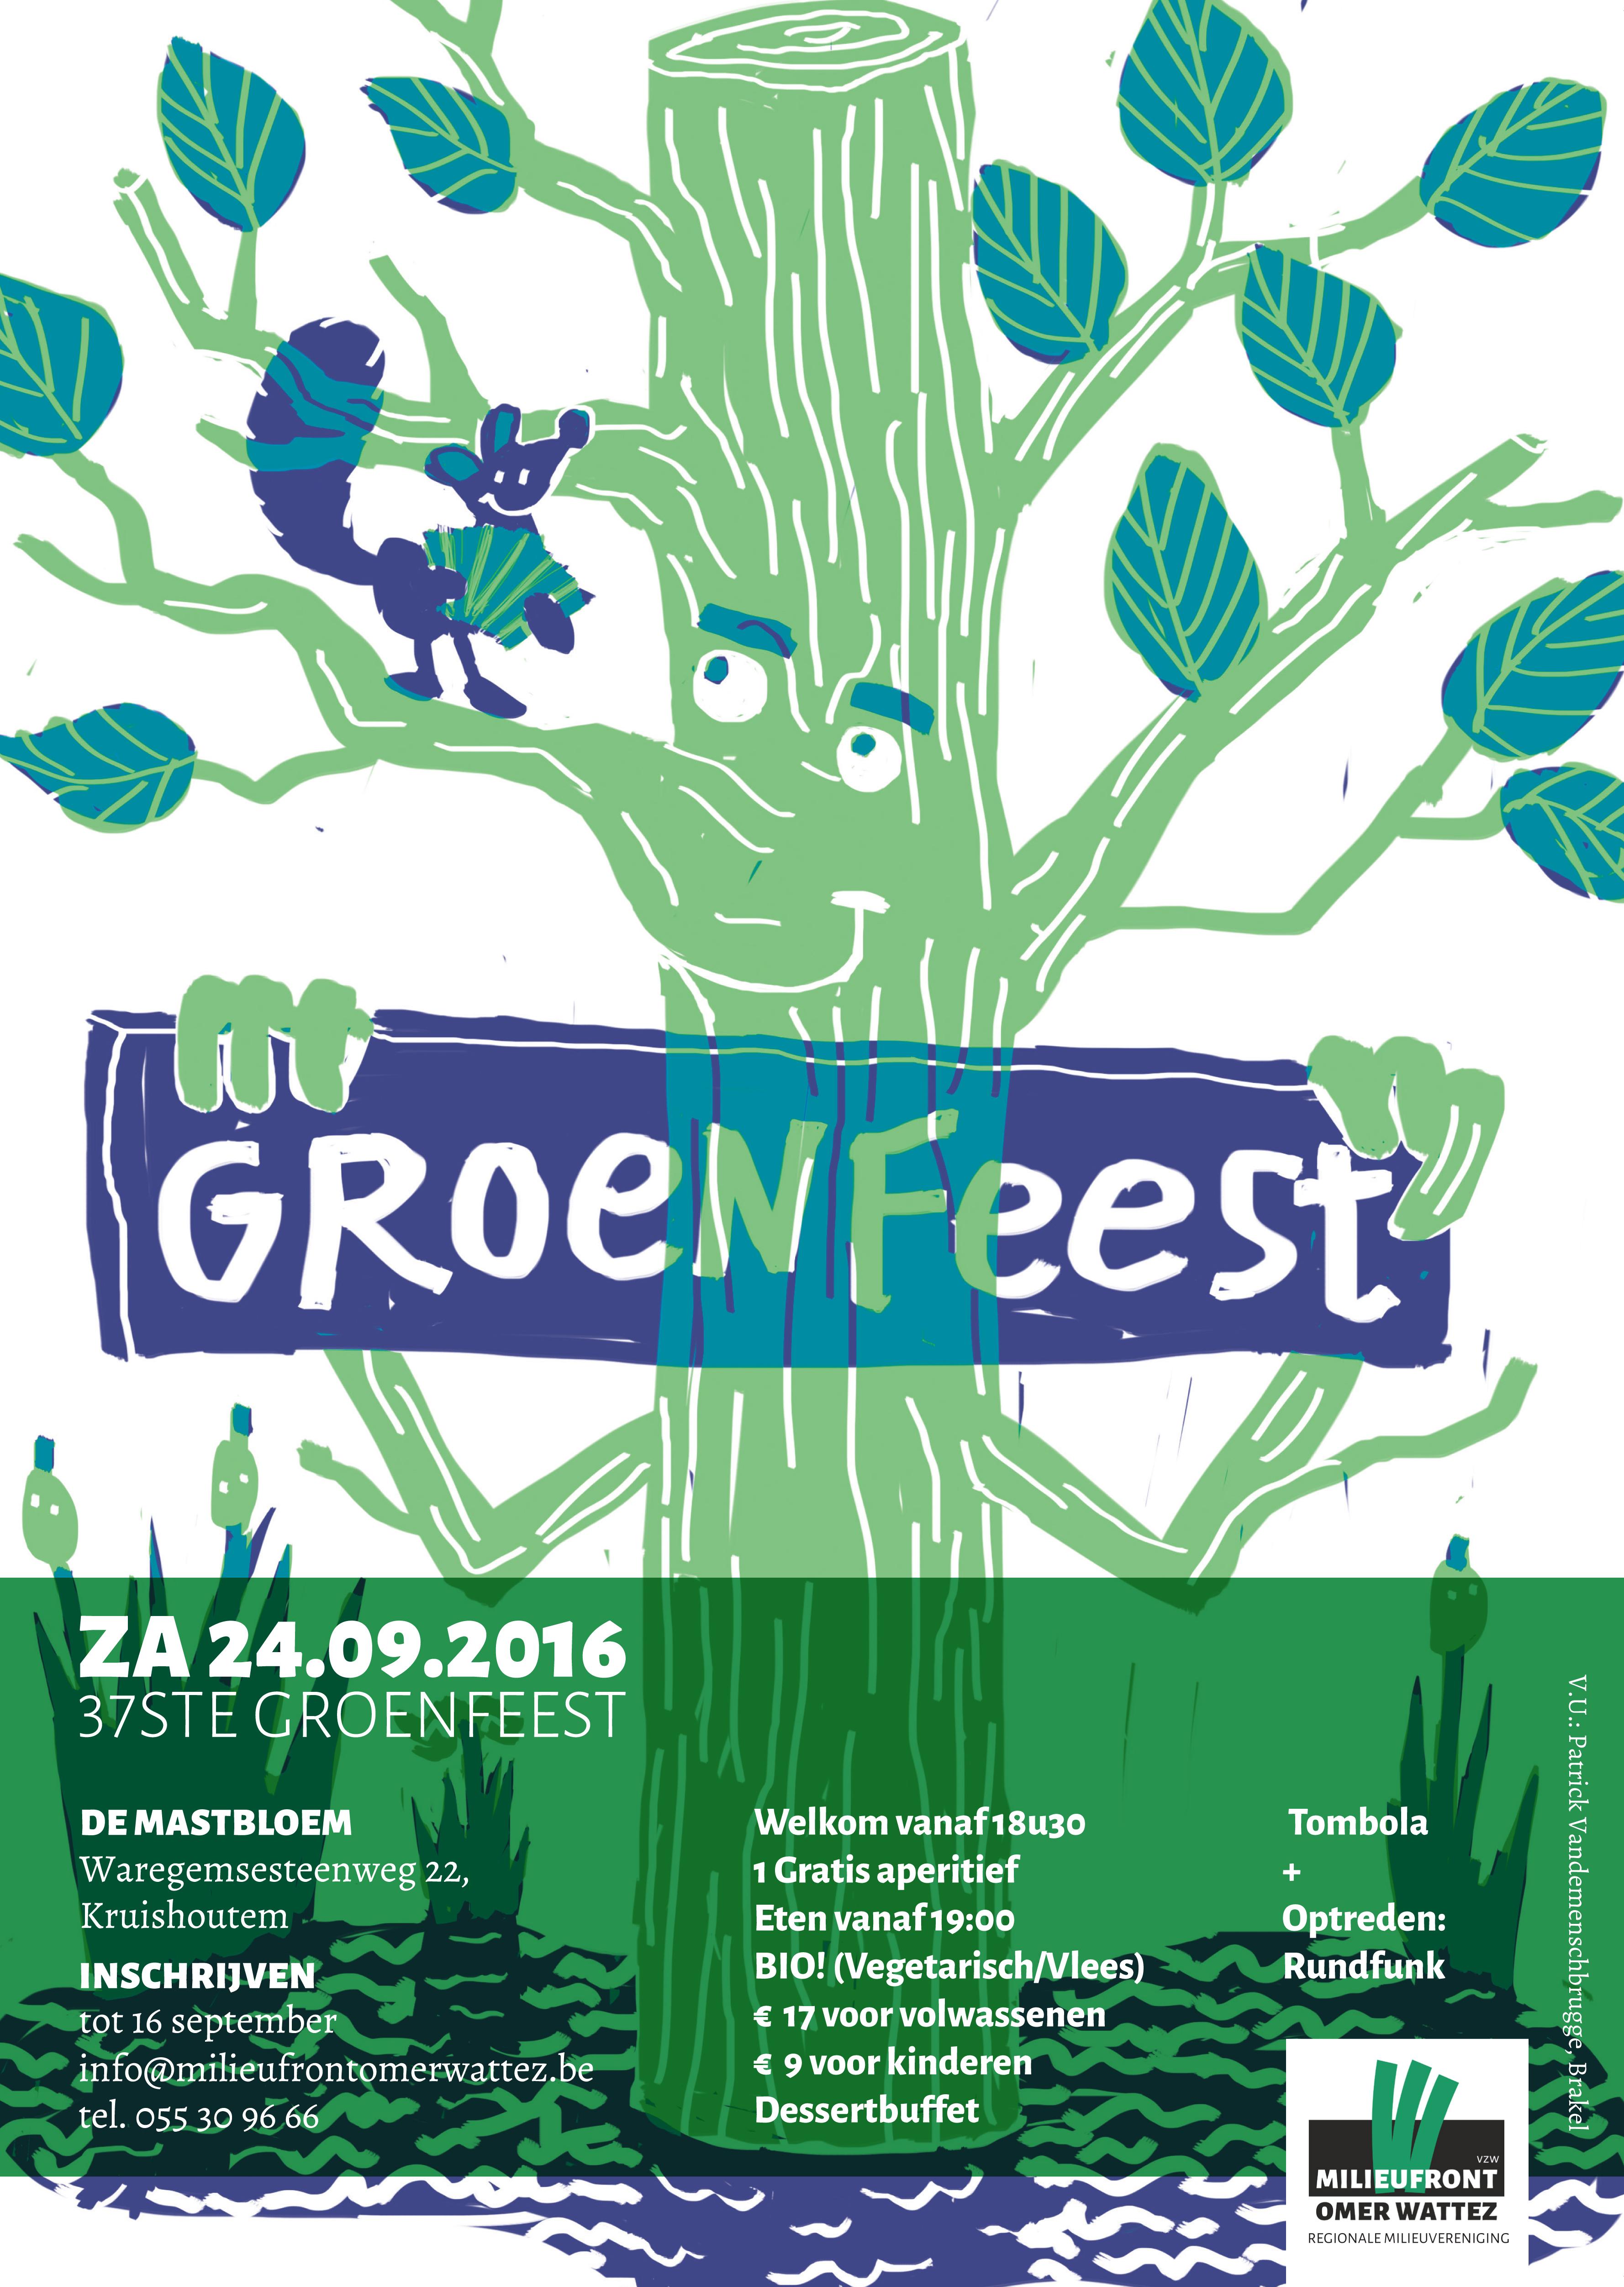 Groenfeest 2016